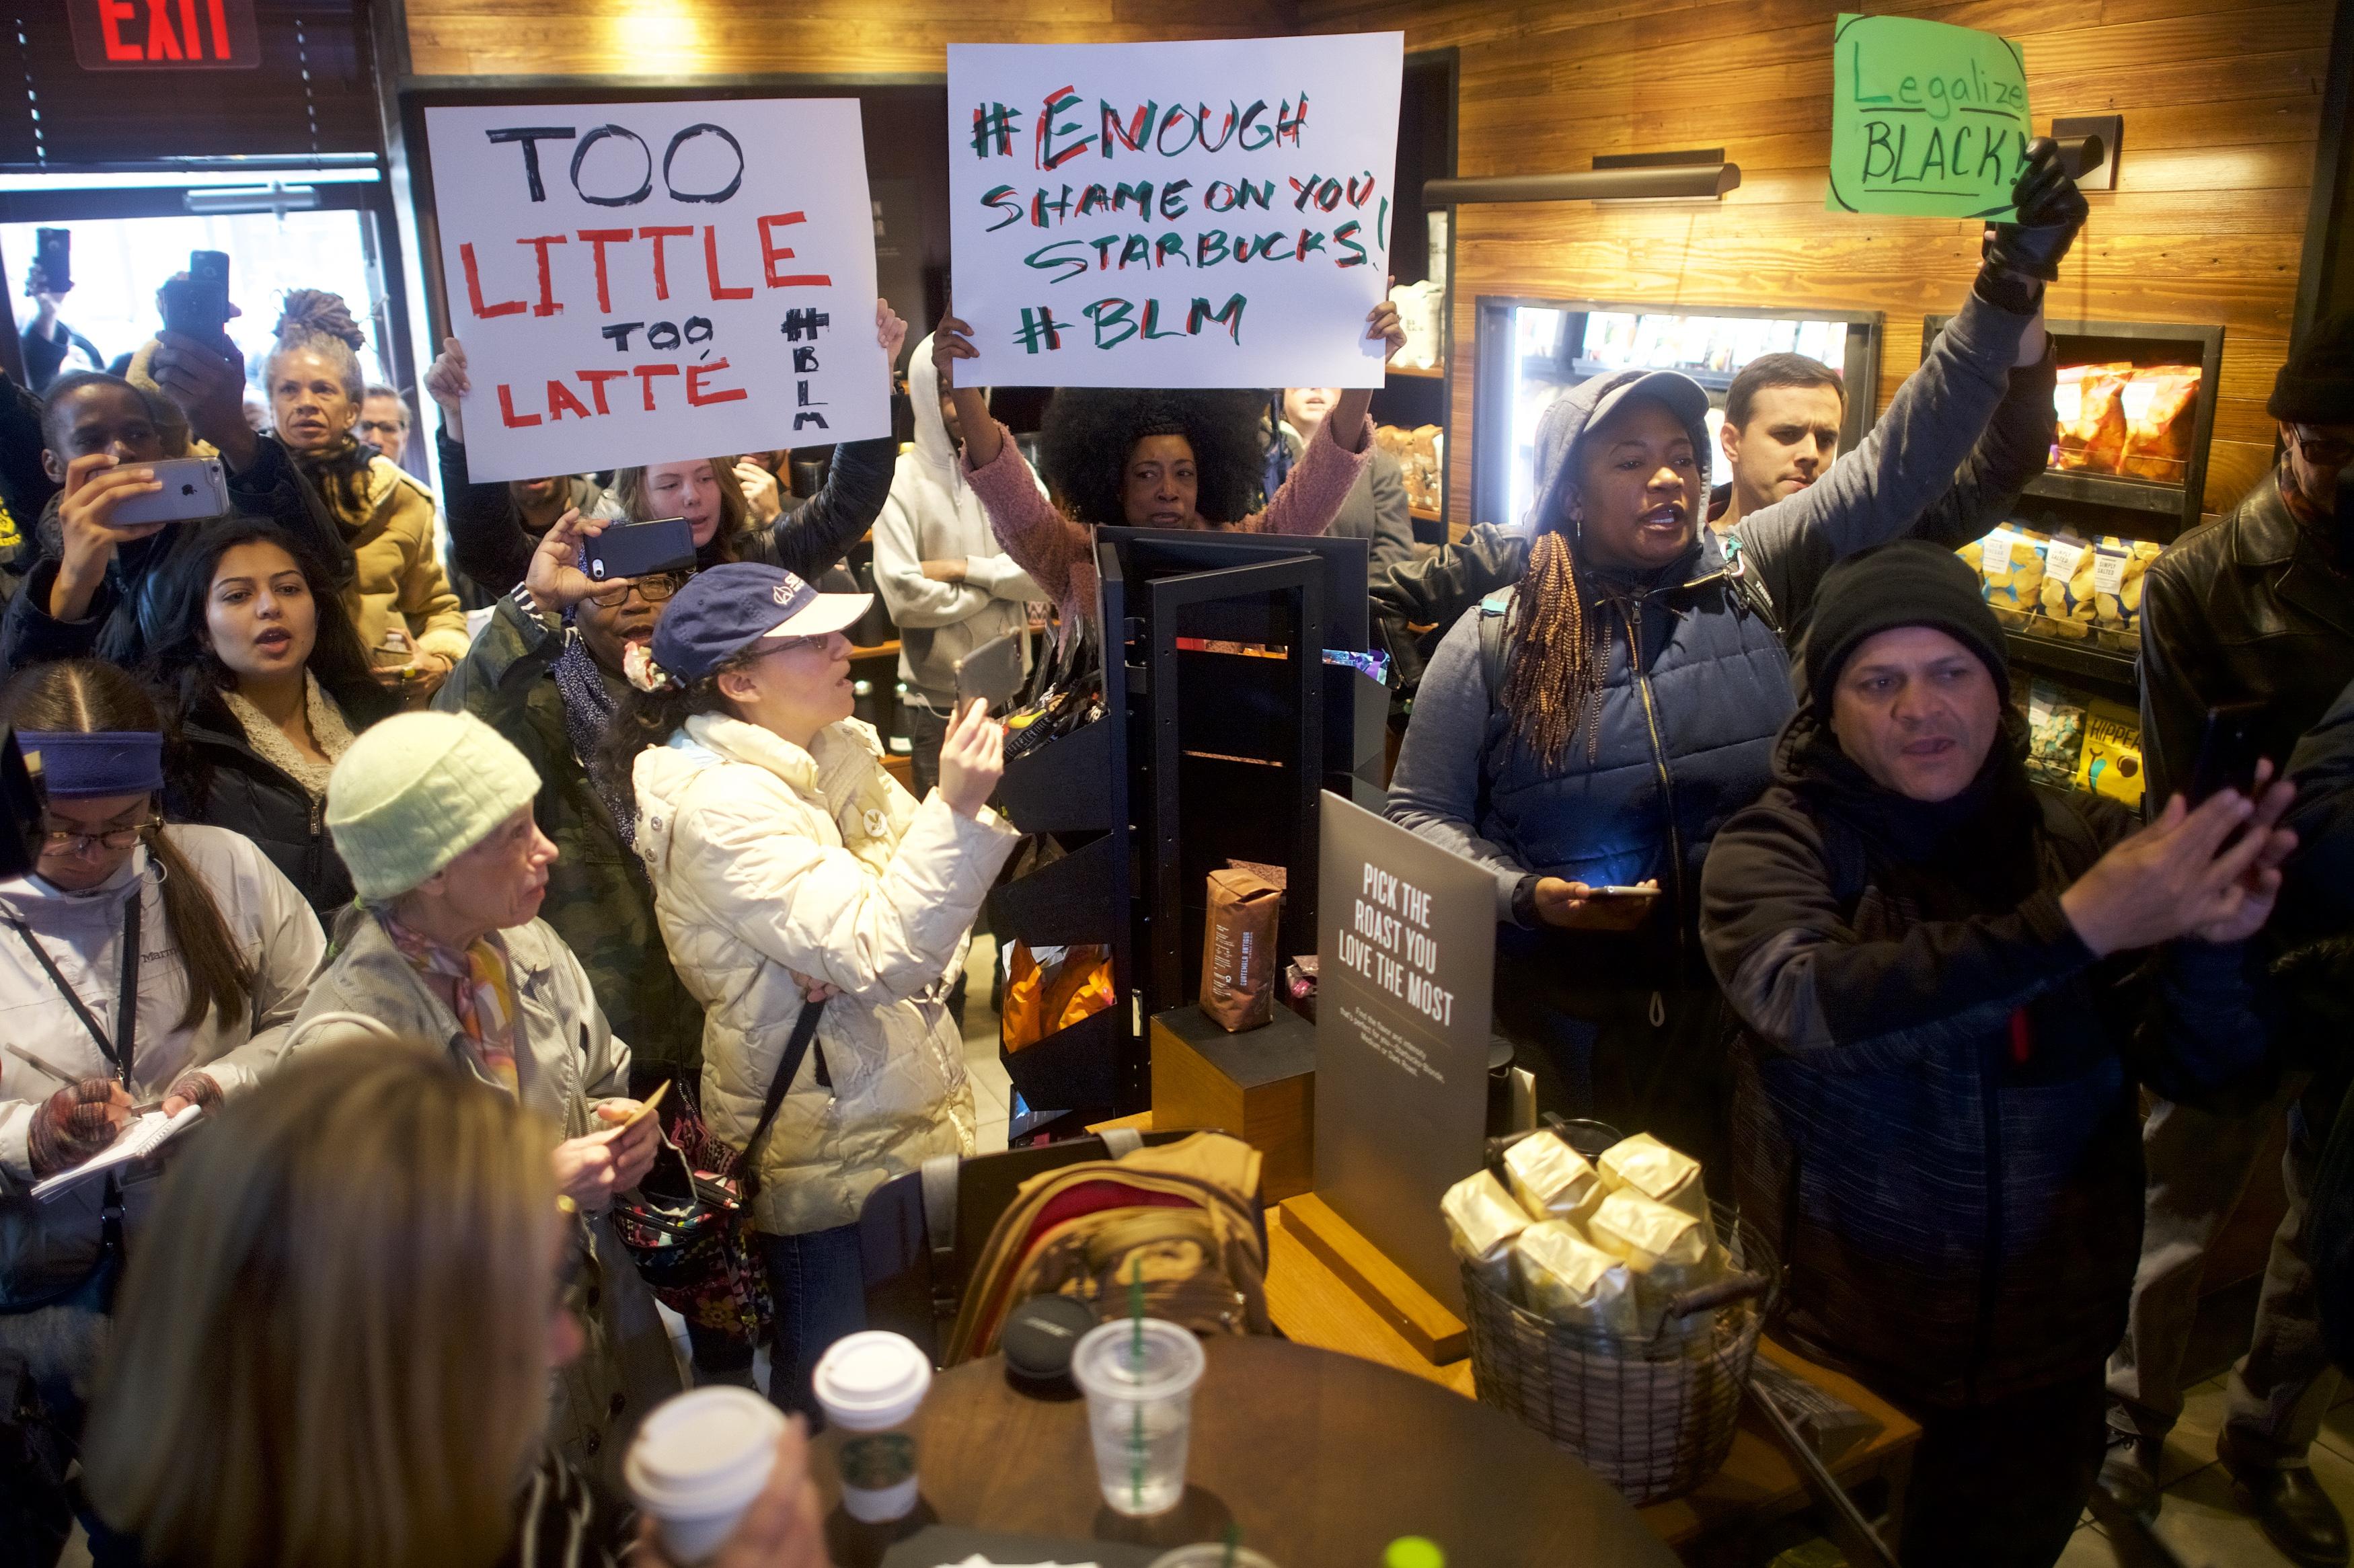 Protestor Donn T (C) demonstrates inside a Center City Starbucks on April 15, 2018 in Philadelphia, Pennsylvania.